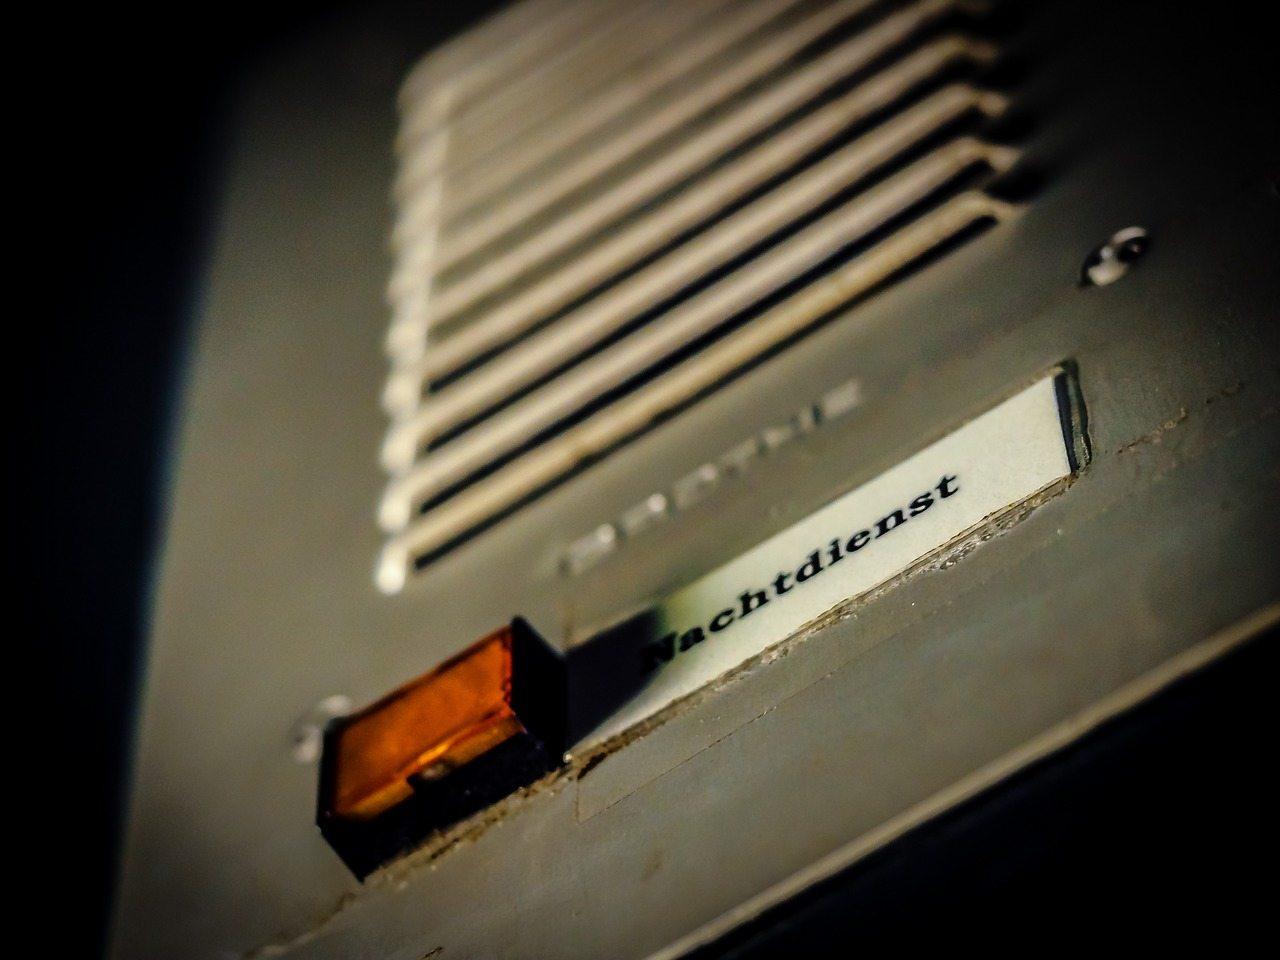 אולטרה מידי מערכות אינטרקום לבניין משותף - בחירת מערכת אינטרקום לבית או לבניין XN-63